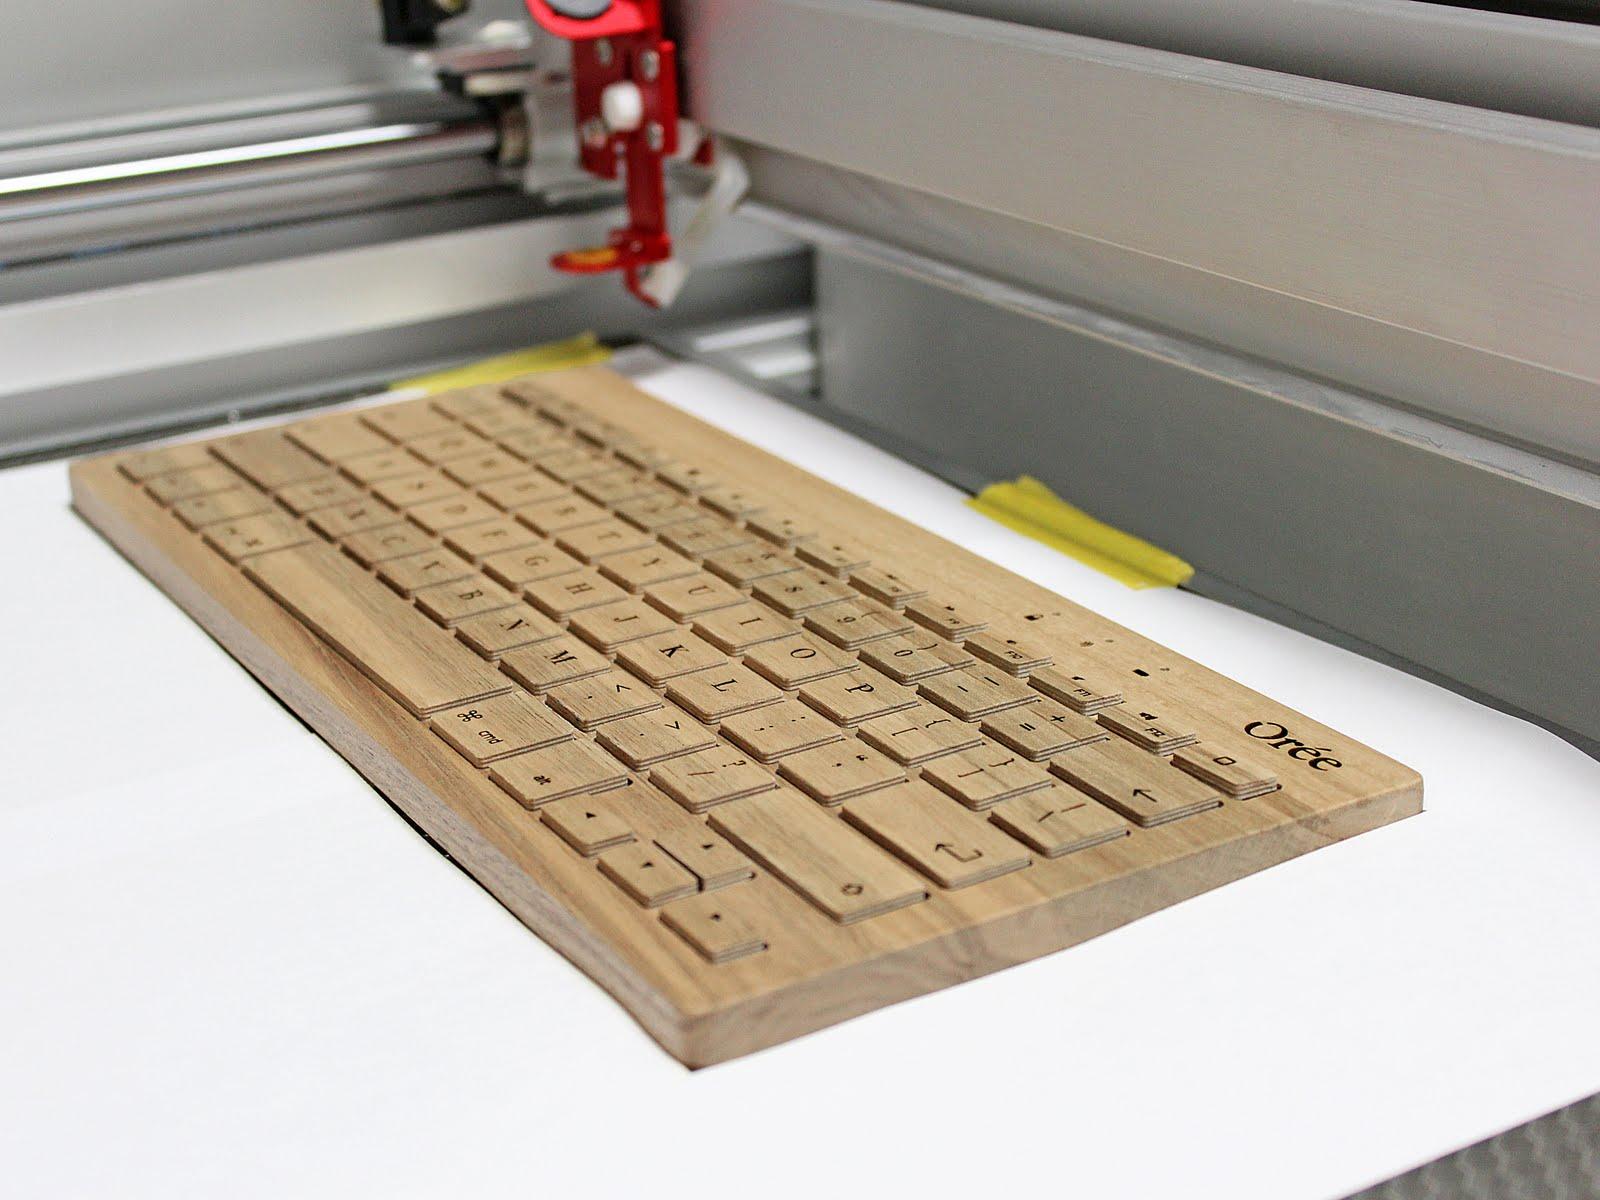 Oreeキーボードのレーザー彫刻様子